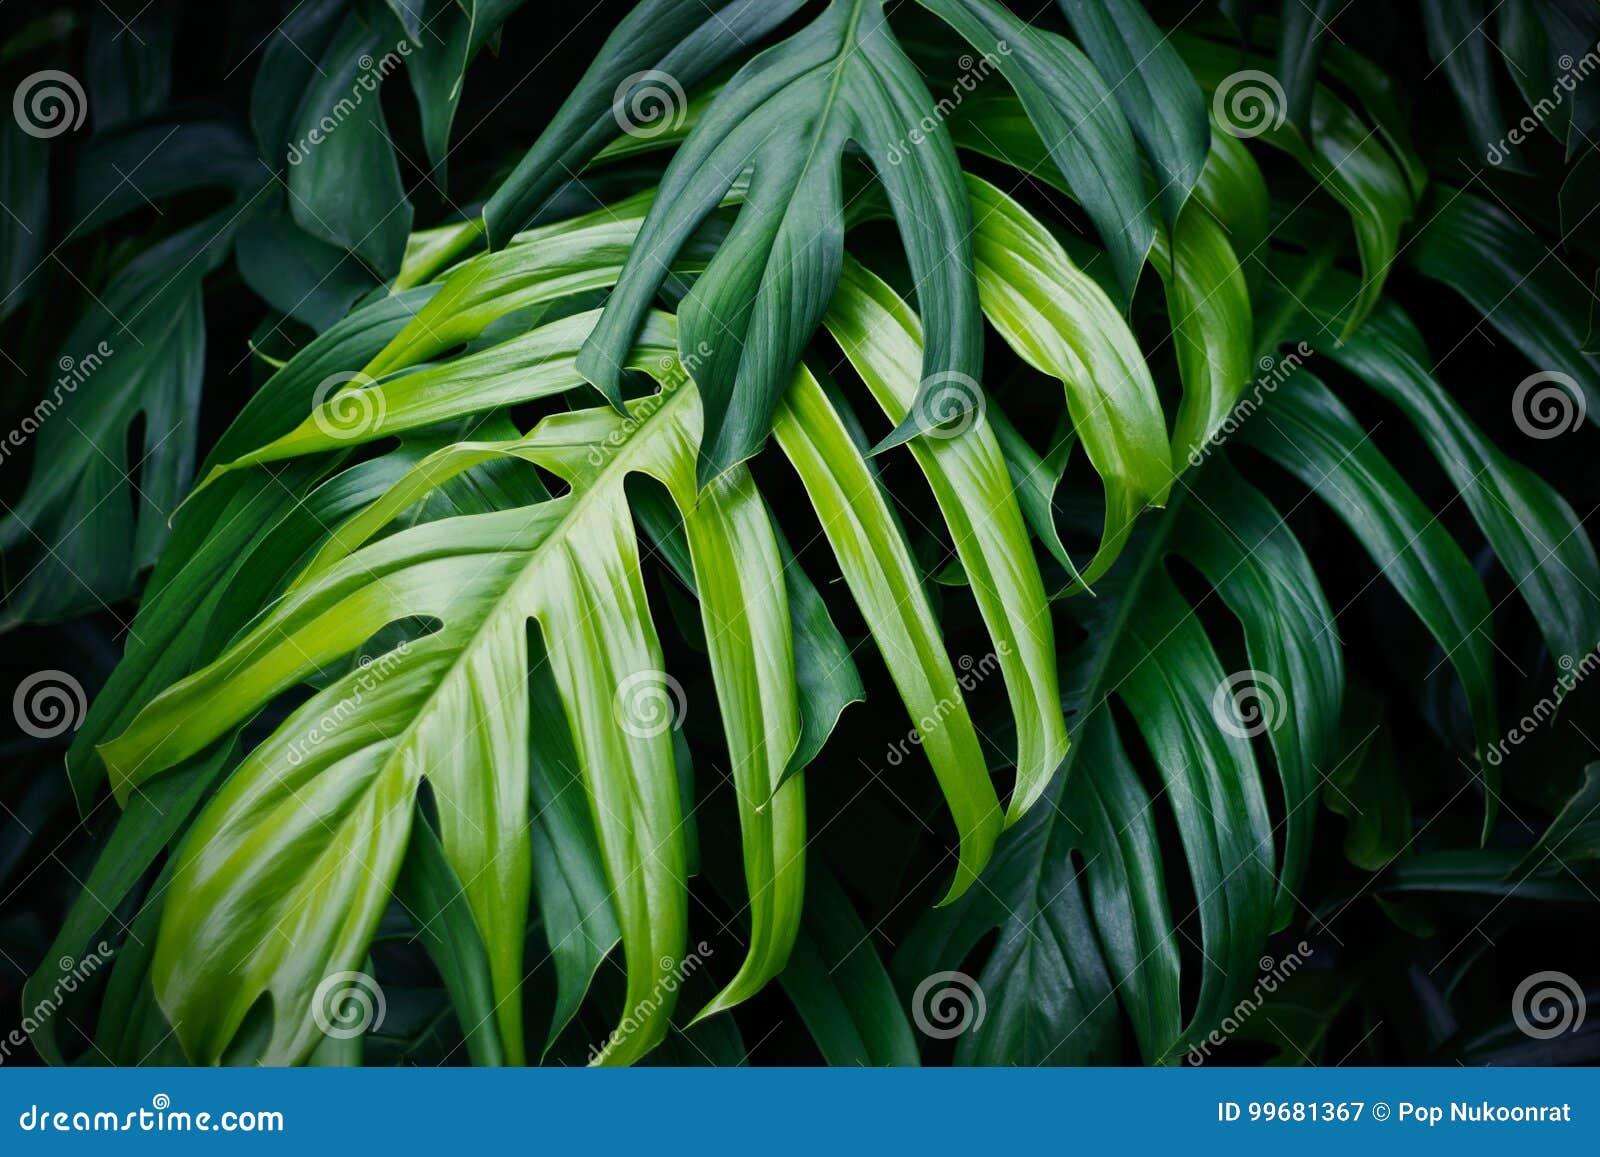 Hojas verdes tropicales, planta del bosque del verano de la naturaleza